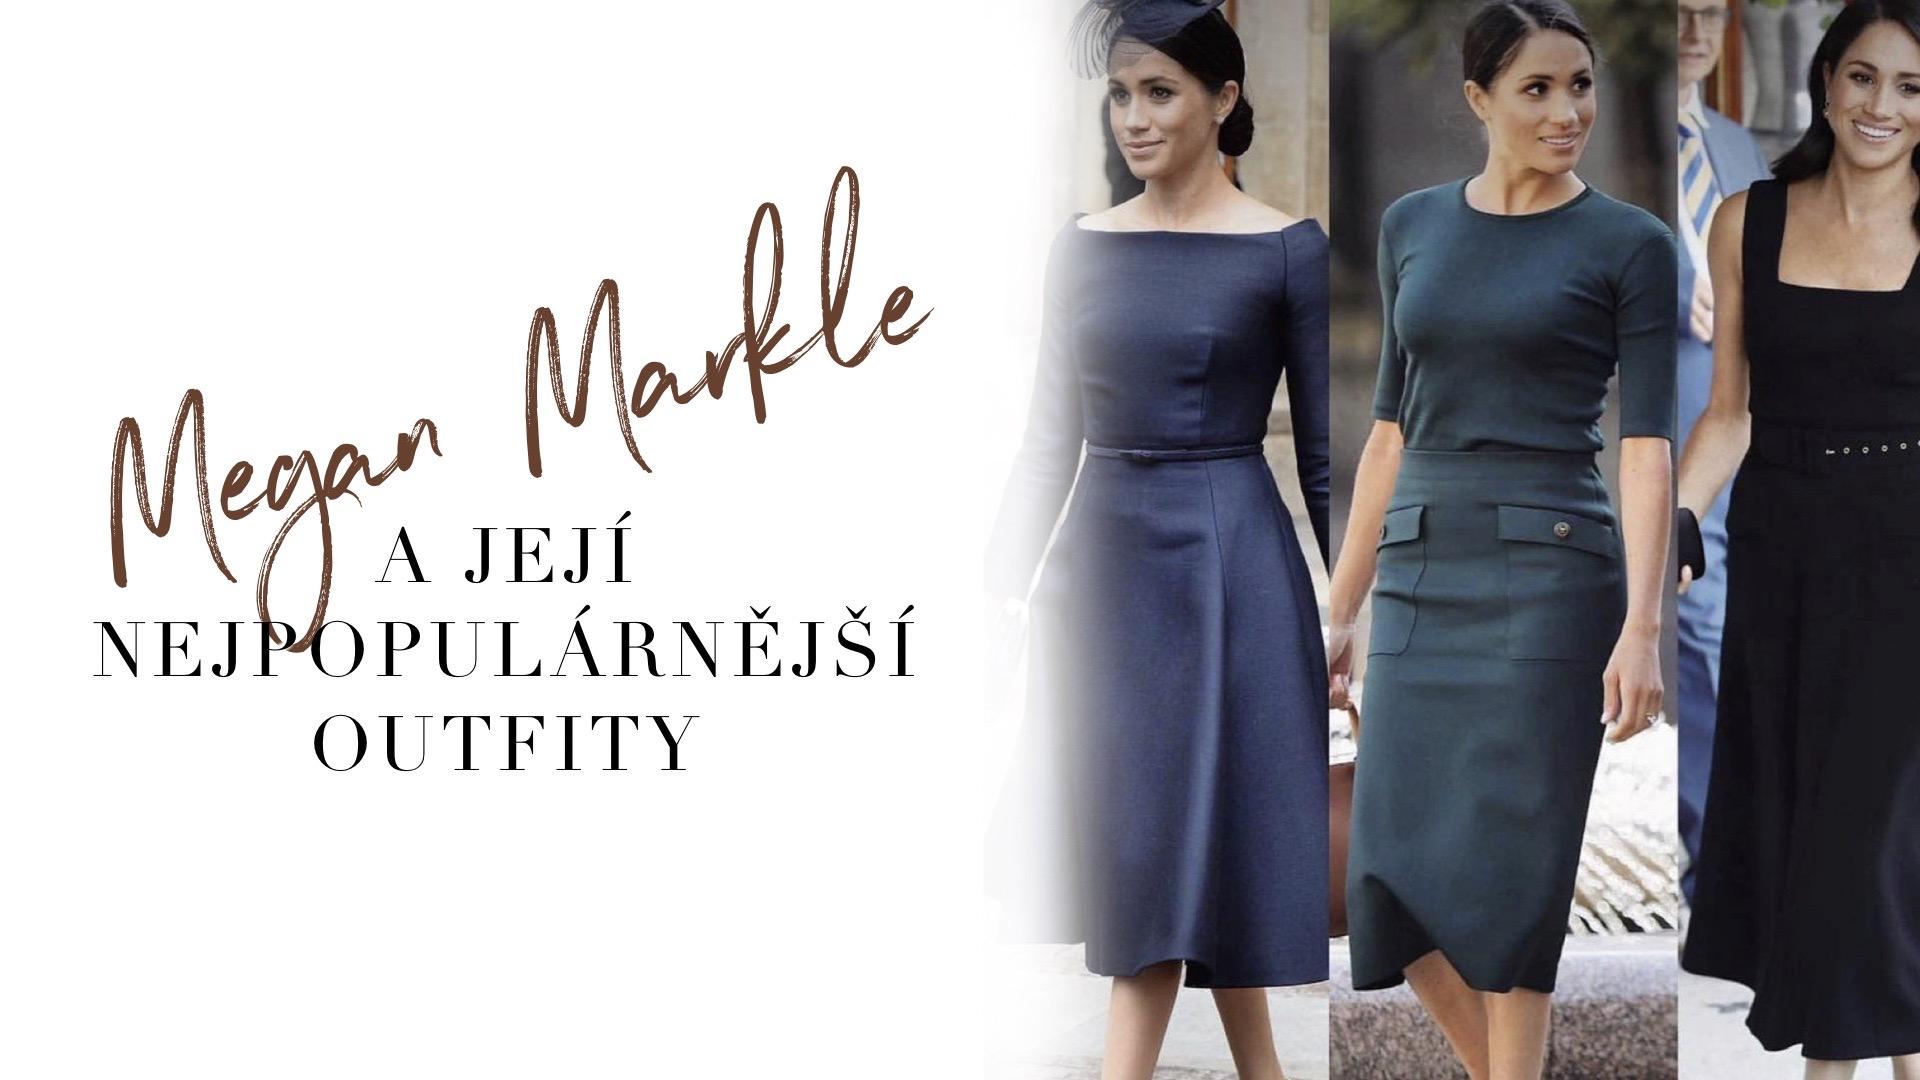 Ikona Meghan Markle oslavila 40. narozeniny. Podívejte se na její nejpopulárnější outfity